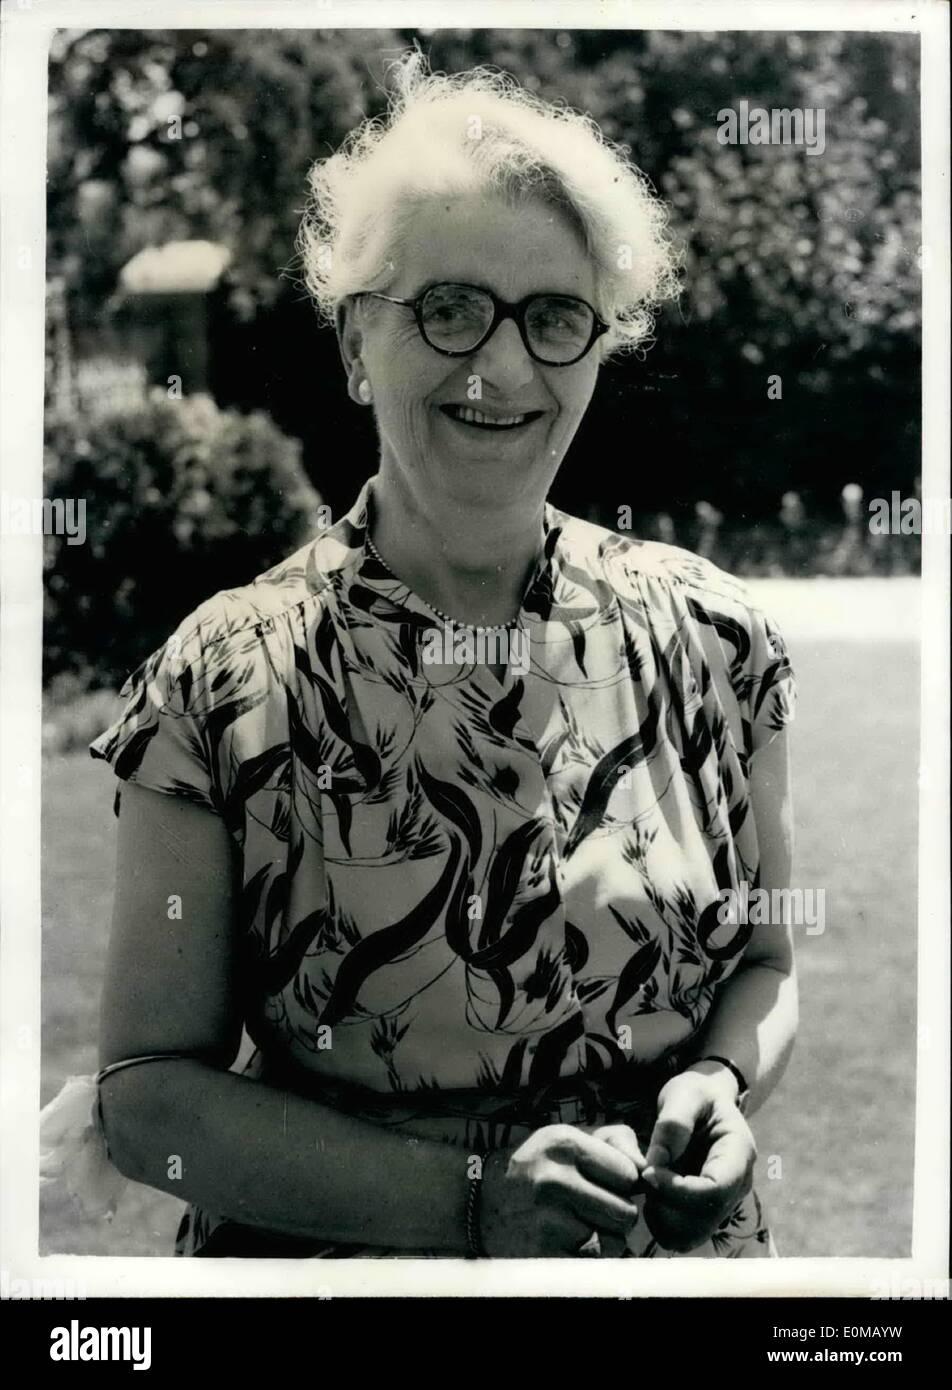 Lug. 07, 1954 - ''stop - sto agendo'' - cred 'vittima' essi quasi azionato sul suo ''fratturato'' gamba. Miss Elizabeth stenografia 52 enne typist interpreta la parte di un incidente in un'esercitazione di protezione civile a Bristol ieri- ha svolto la sua parte così realisticamente che ella è stata inviata a da ospedale, somerset - e un altro medico è stato chiamato dalla sua casa di operare sul suo ''gamba fratturata''. È stato solo quando ha gridato ''sto agendo - che si è reso conto che la sua gamba era fratturato non Immagini Stock